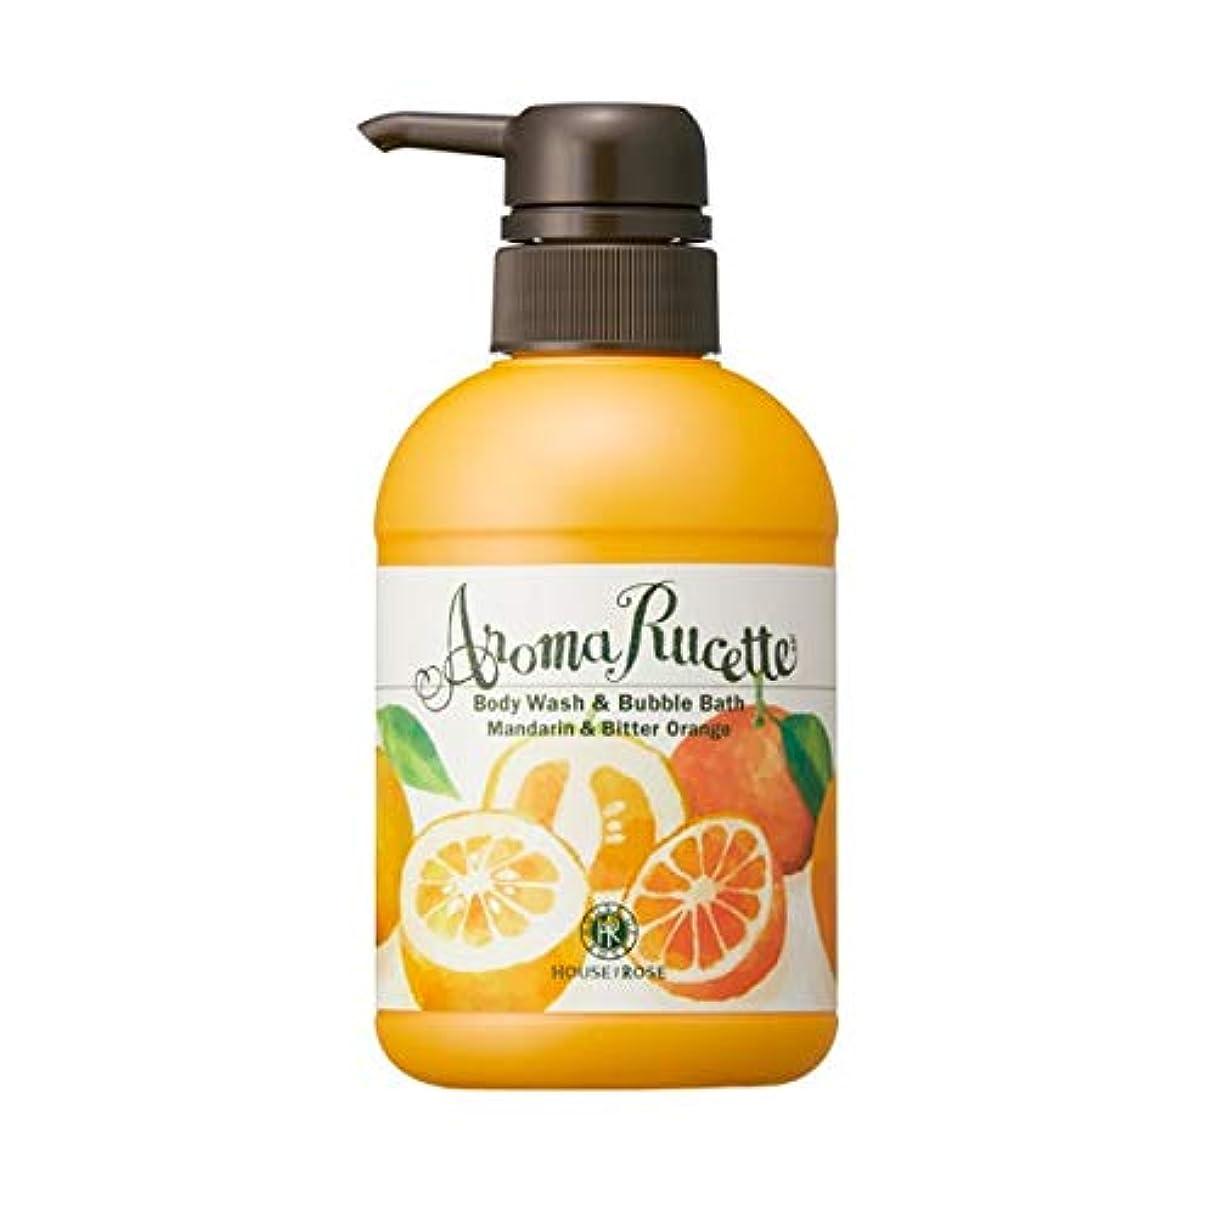 植生誇張サーバHOUSE OF ROSE(ハウスオブローゼ) ハウスオブローゼ/アロマルセット ボディウォッシュ&バブルバス MD&BO(マンダリン&ビターオレンジの香り)350mL